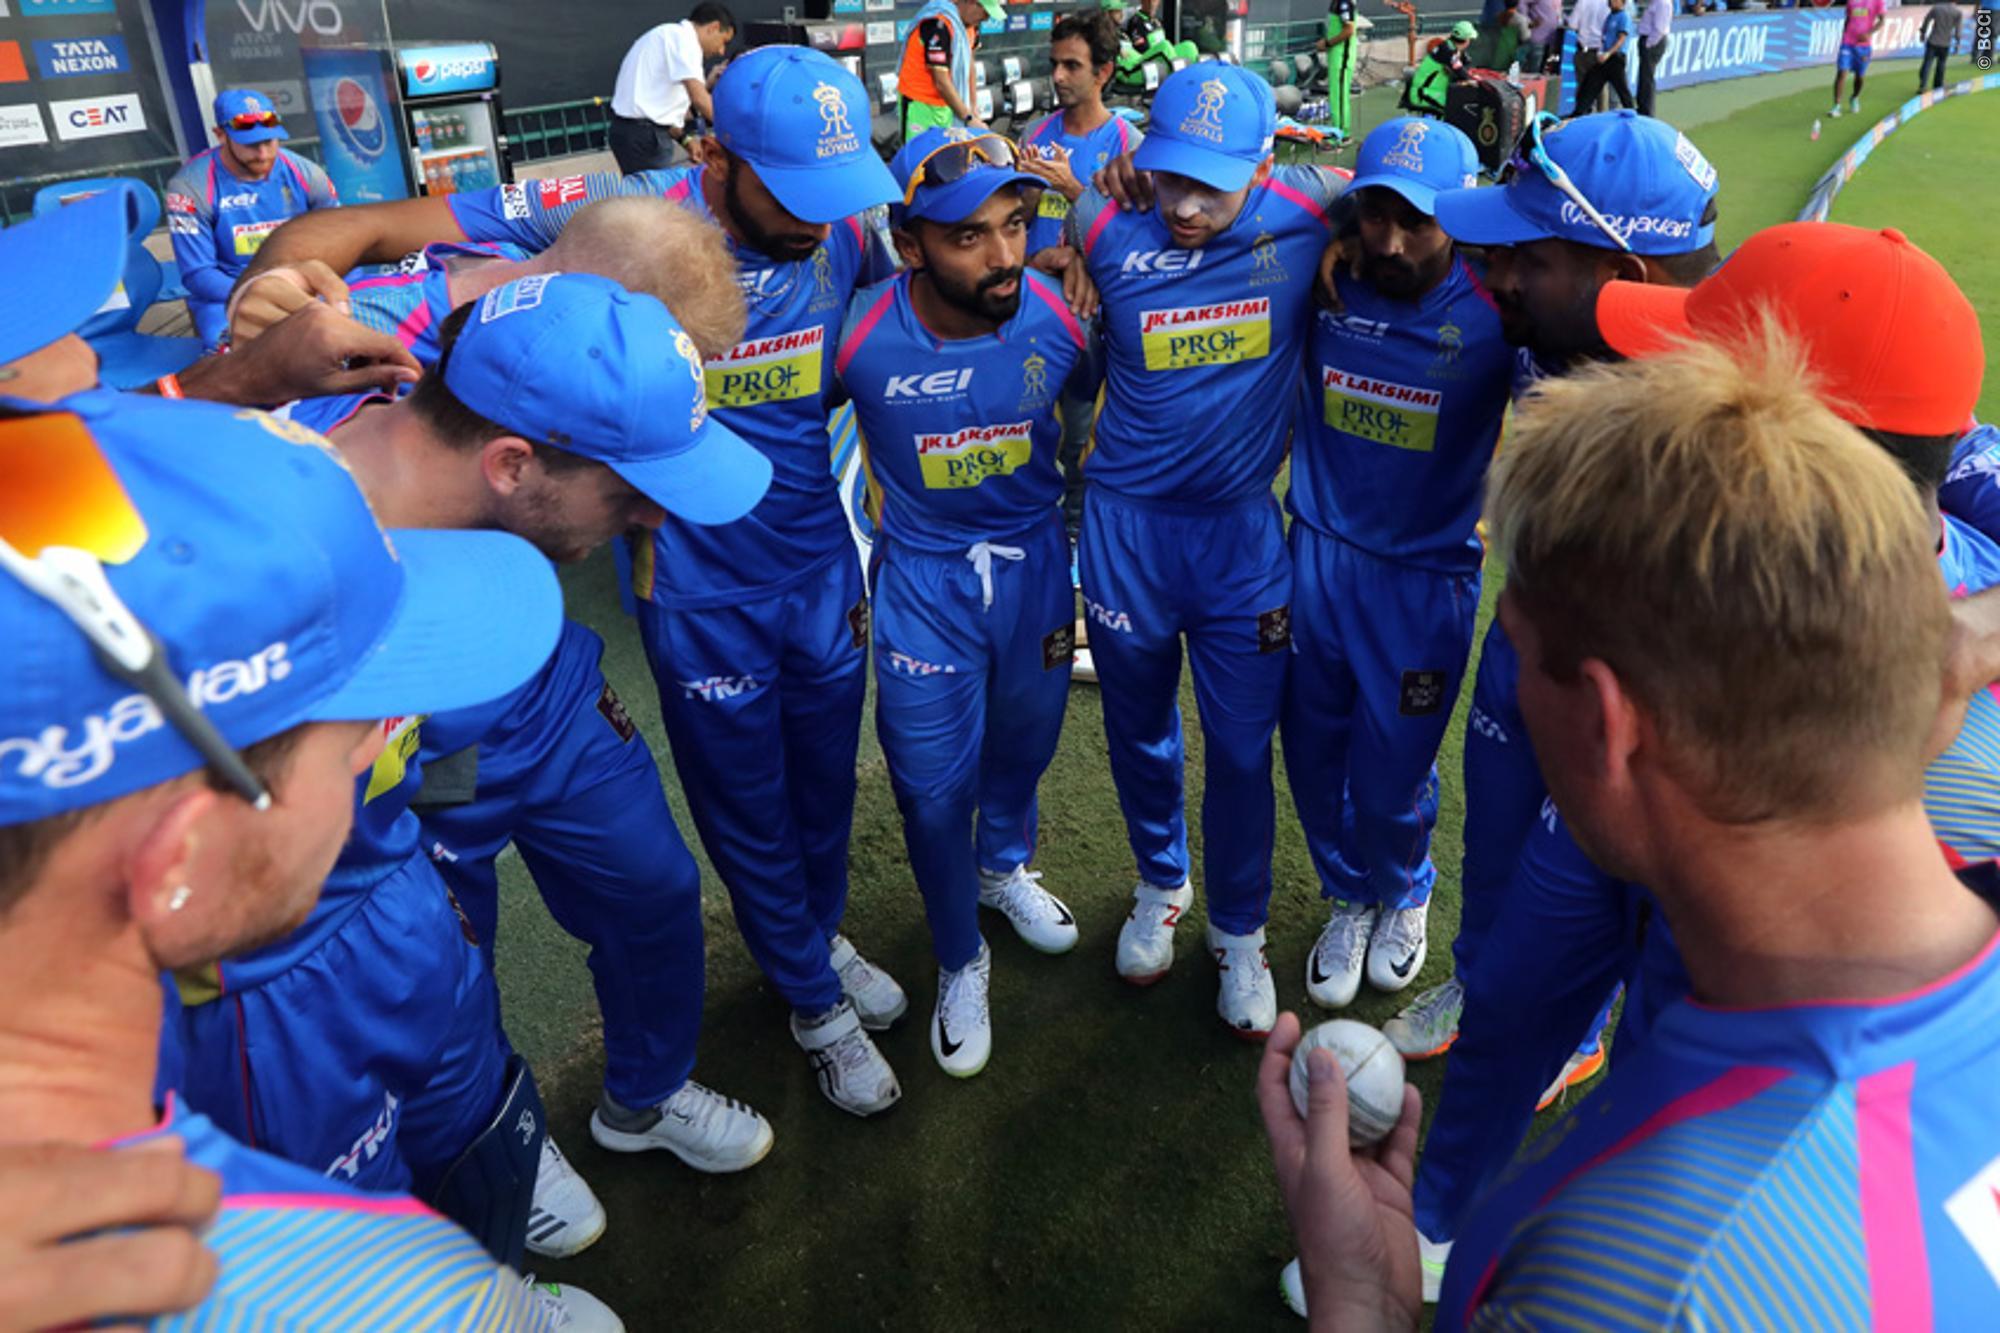 राजस्थान रॉयल्स के आरसीबी के खिलाफ मैच से पहले शेन वार्न ने राजस्थान रॉयल्स को बोली बस ये एक बात 8